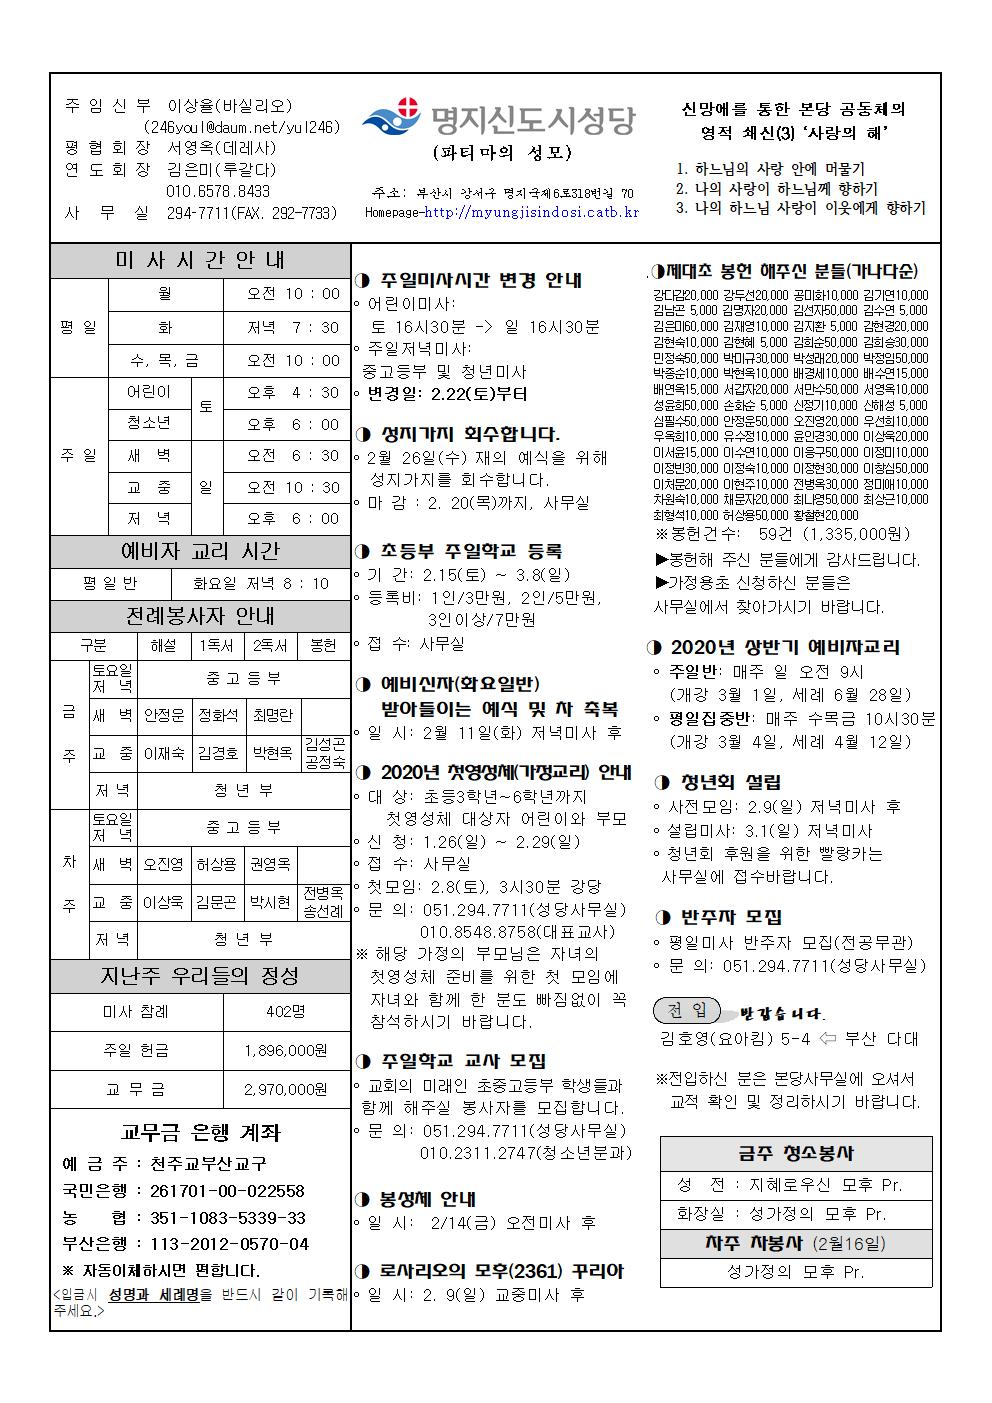 명지신도시20200209001.png